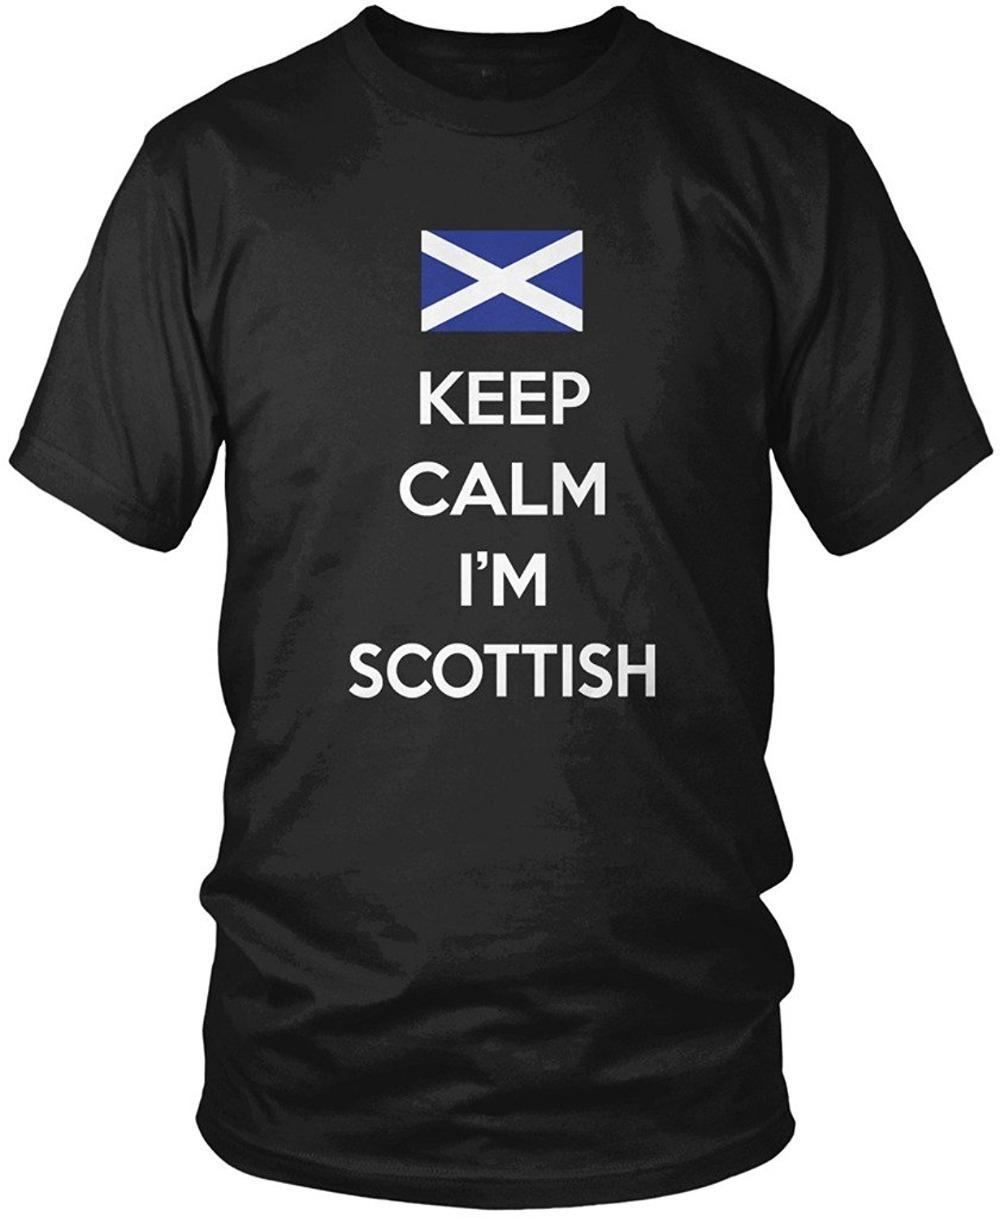 6d346a1e8 Custom Design Shirts O-Neck Short Keep Calm I'M Scottish Scotland Pride  Scotland Flag Men's T-Shirt New Style Tee Shirt For Men